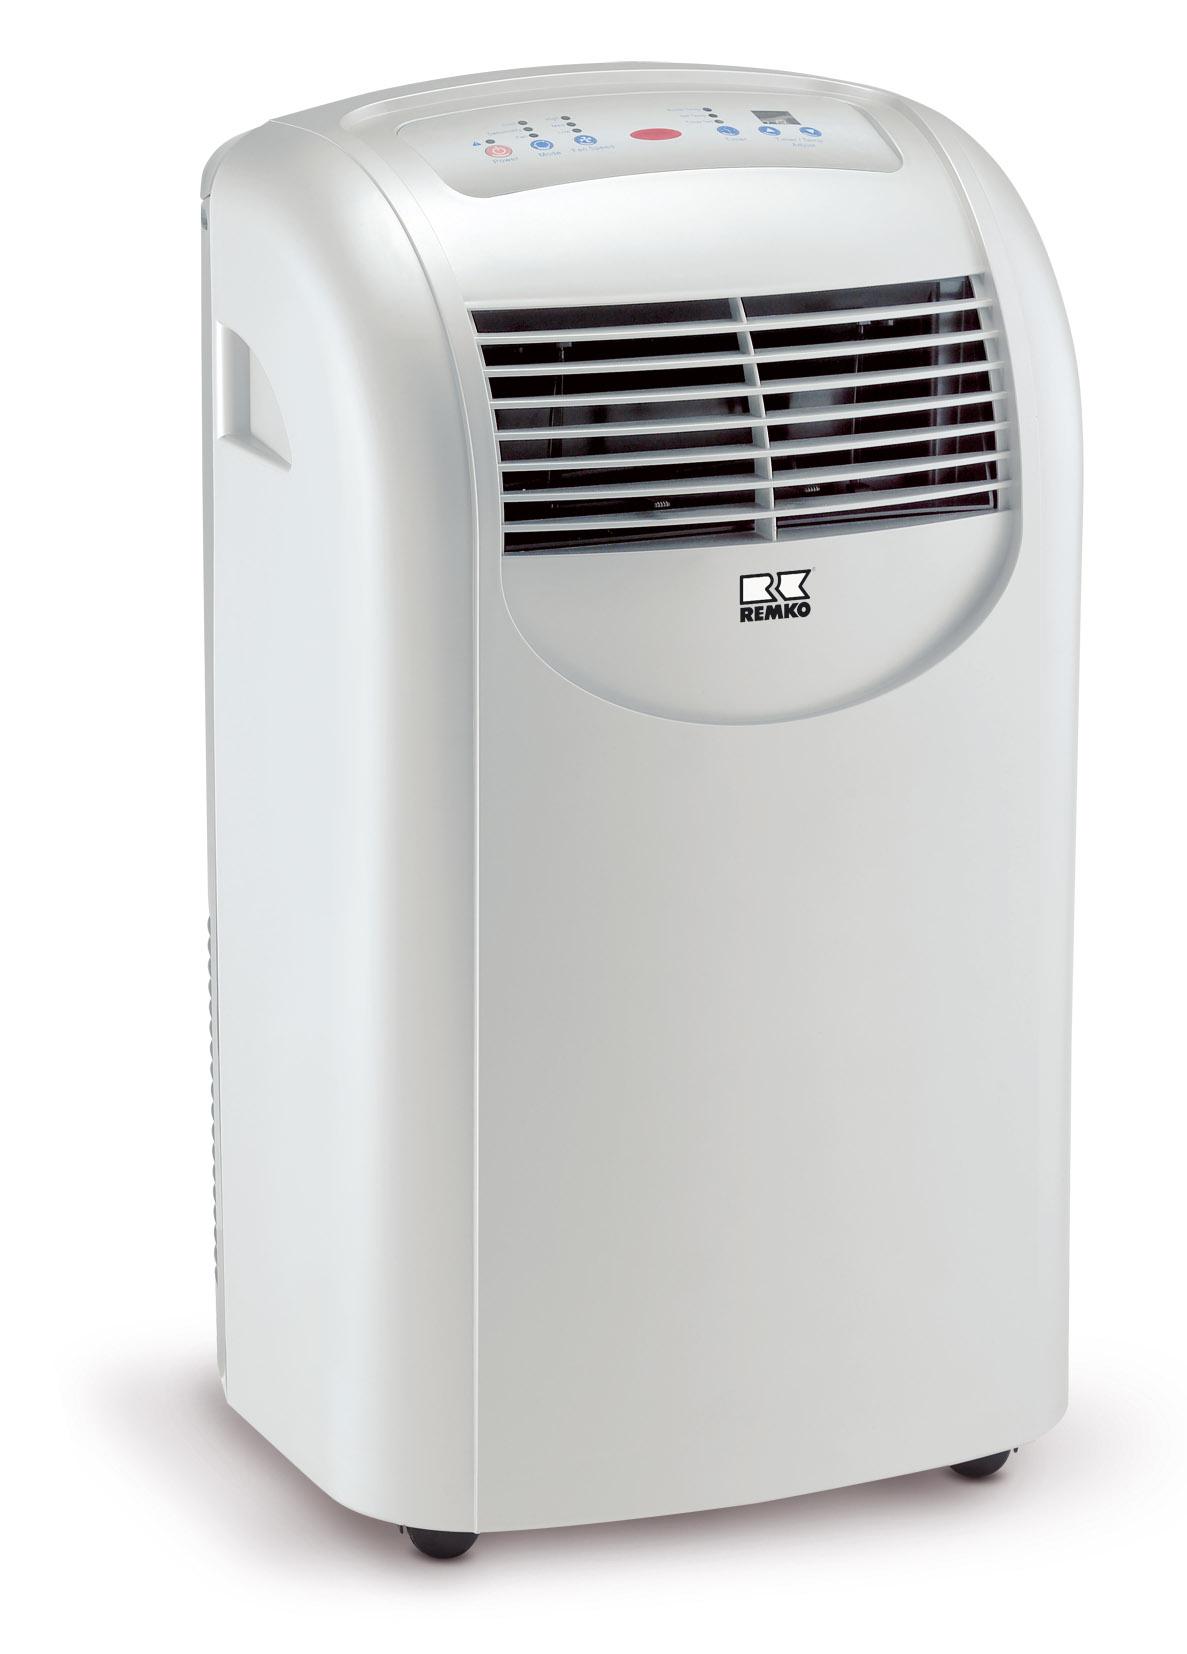 Mobilní klimatizace REMKO MKT251 bílá + Prodloužená záruka 3 roky + PREMIUM Servis Remko